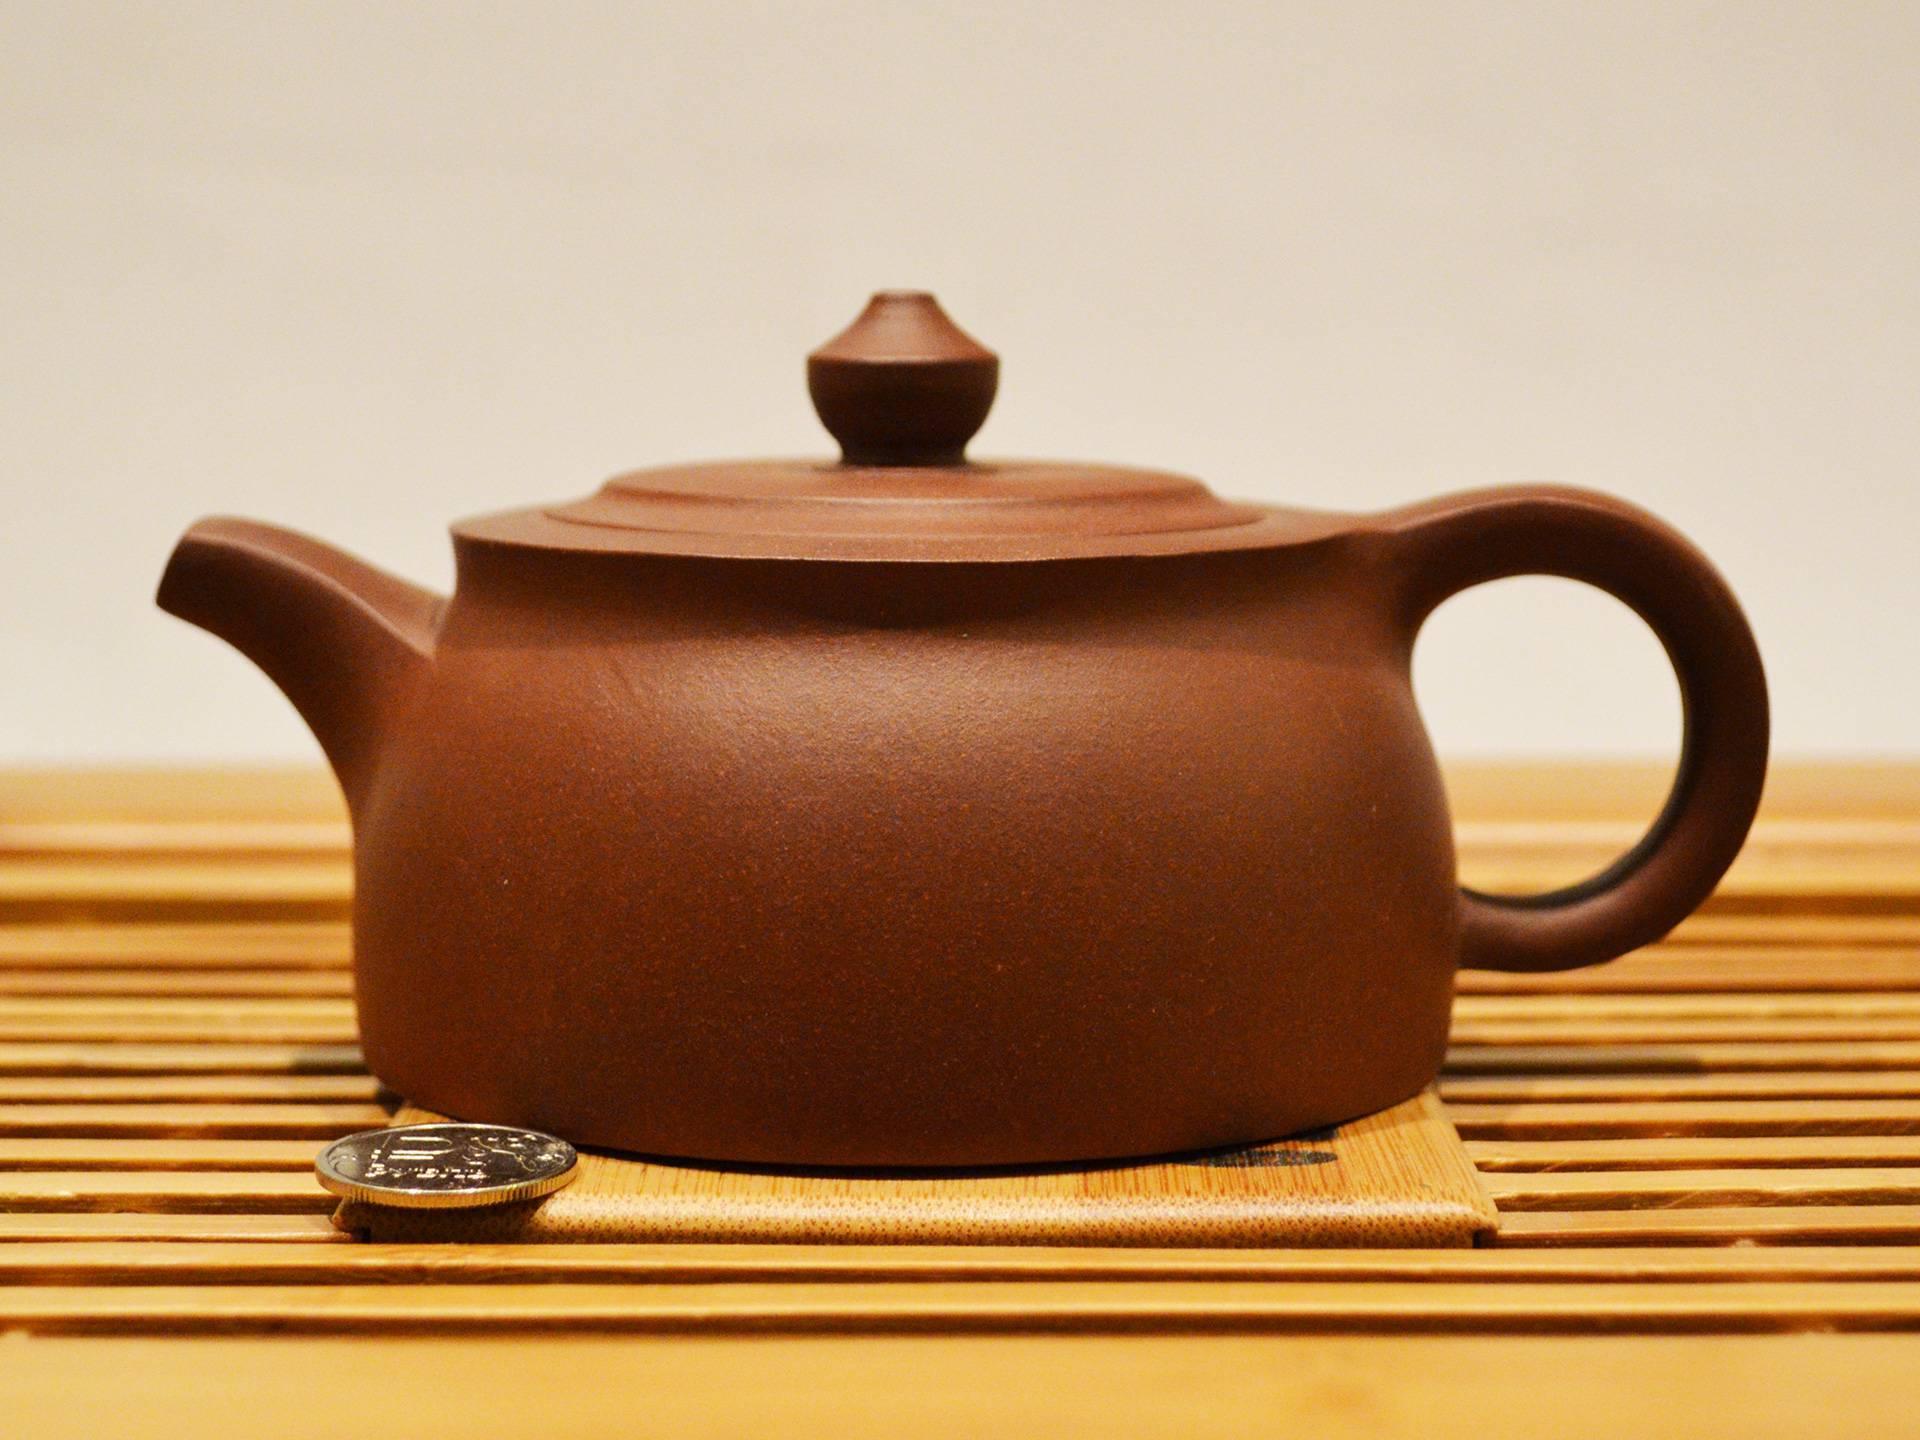 Чай: его виды и способы заваривания | brodude.ru